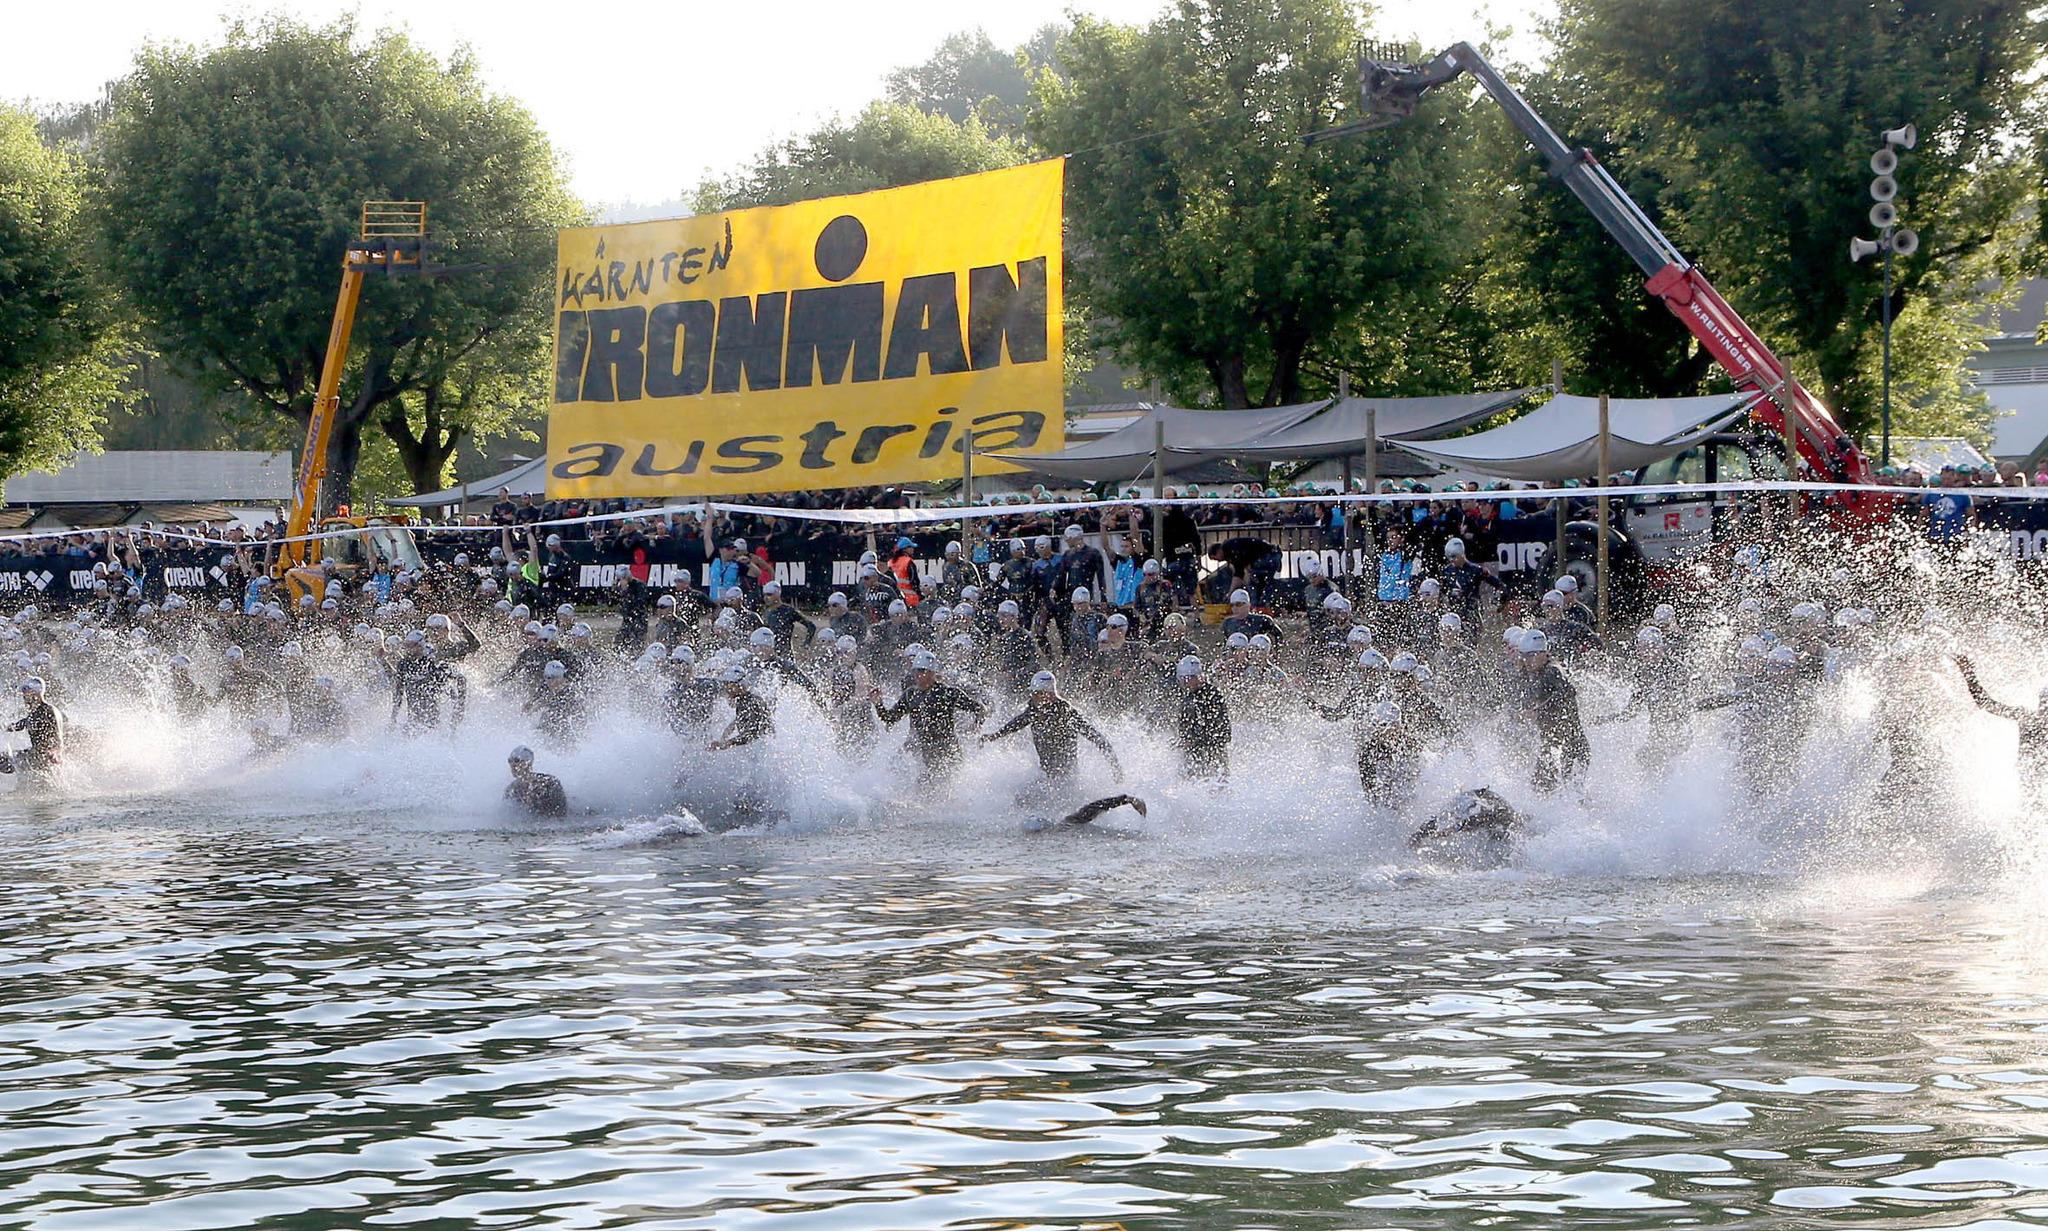 Ironman österreich